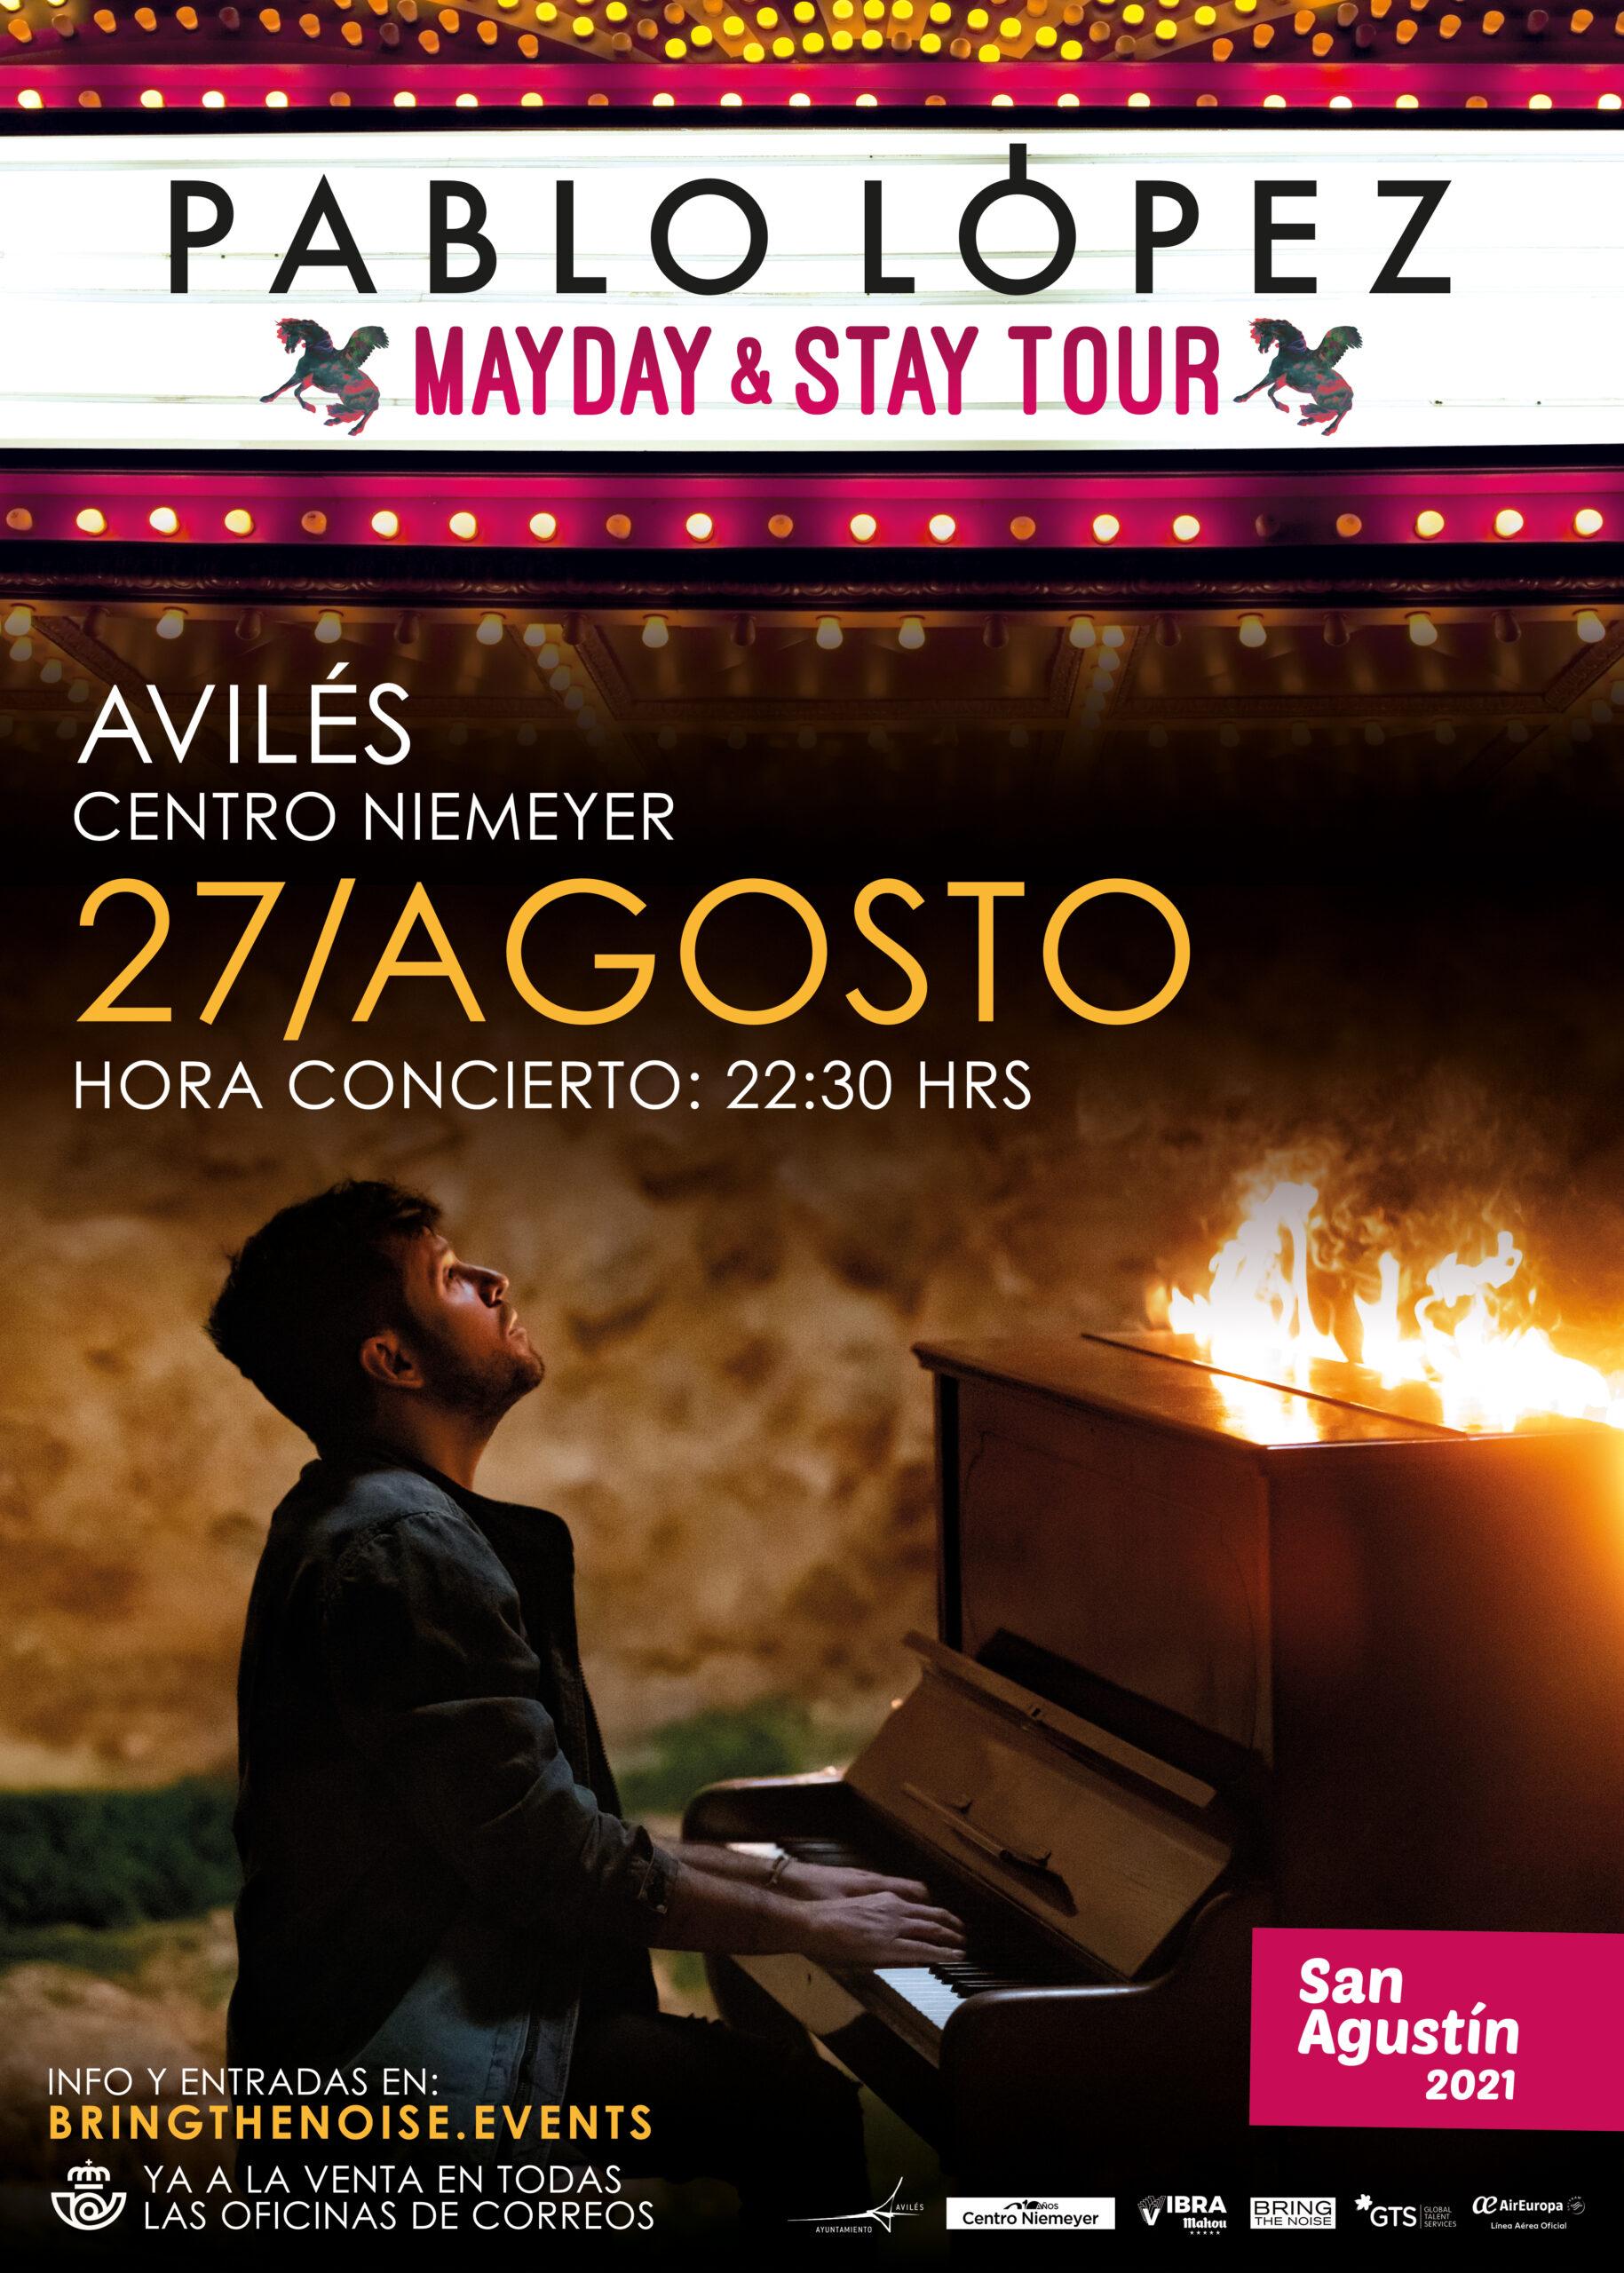 Pablo López actuará el 27 de agosto de este año en Avilés en el Centro Niemeyer